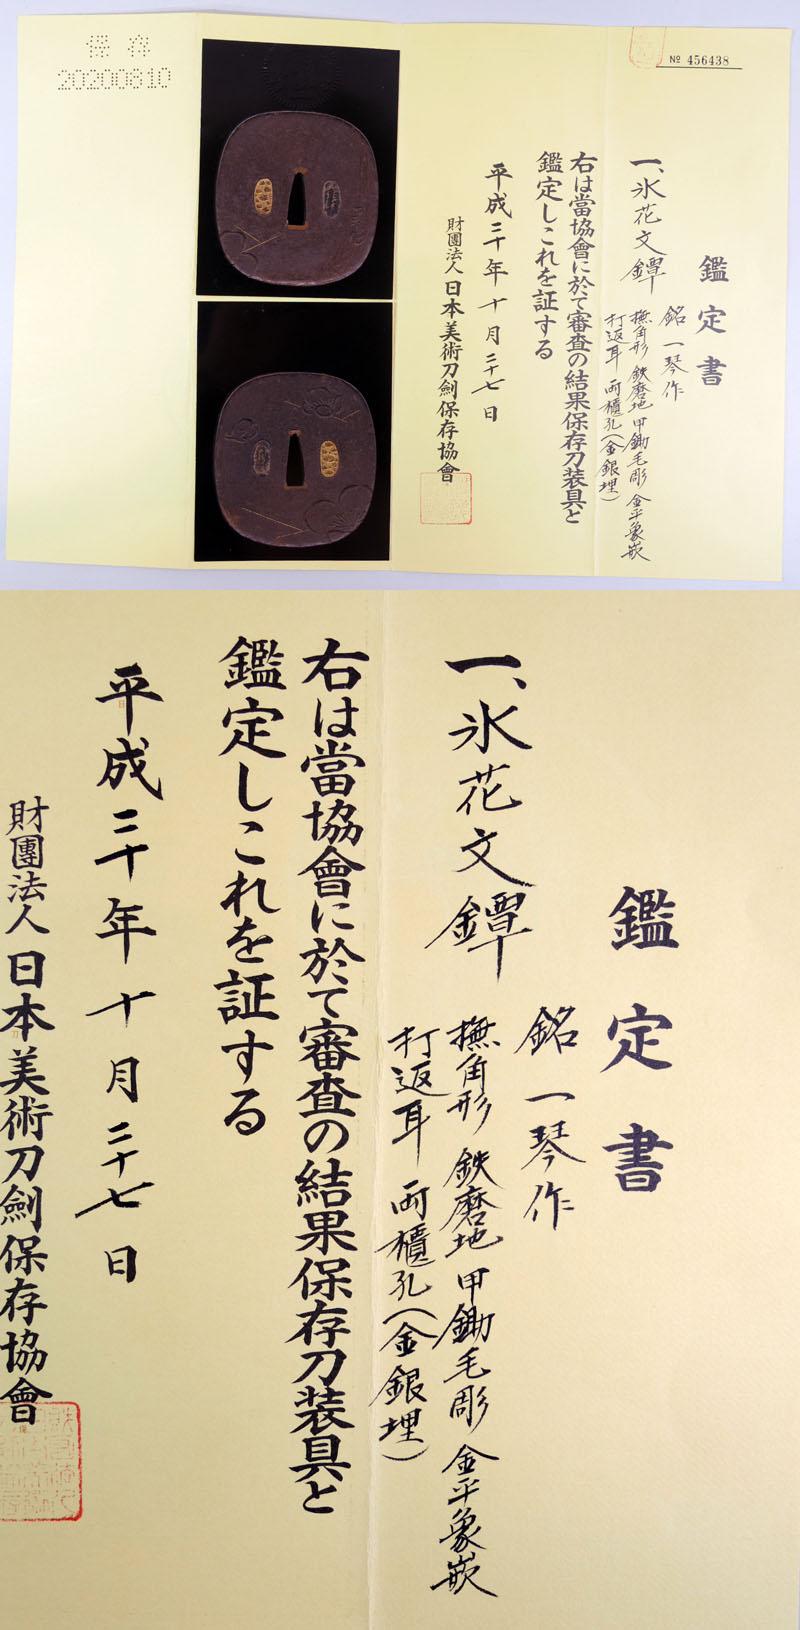 氷花文鍔 一琴作 Picture of Certificate